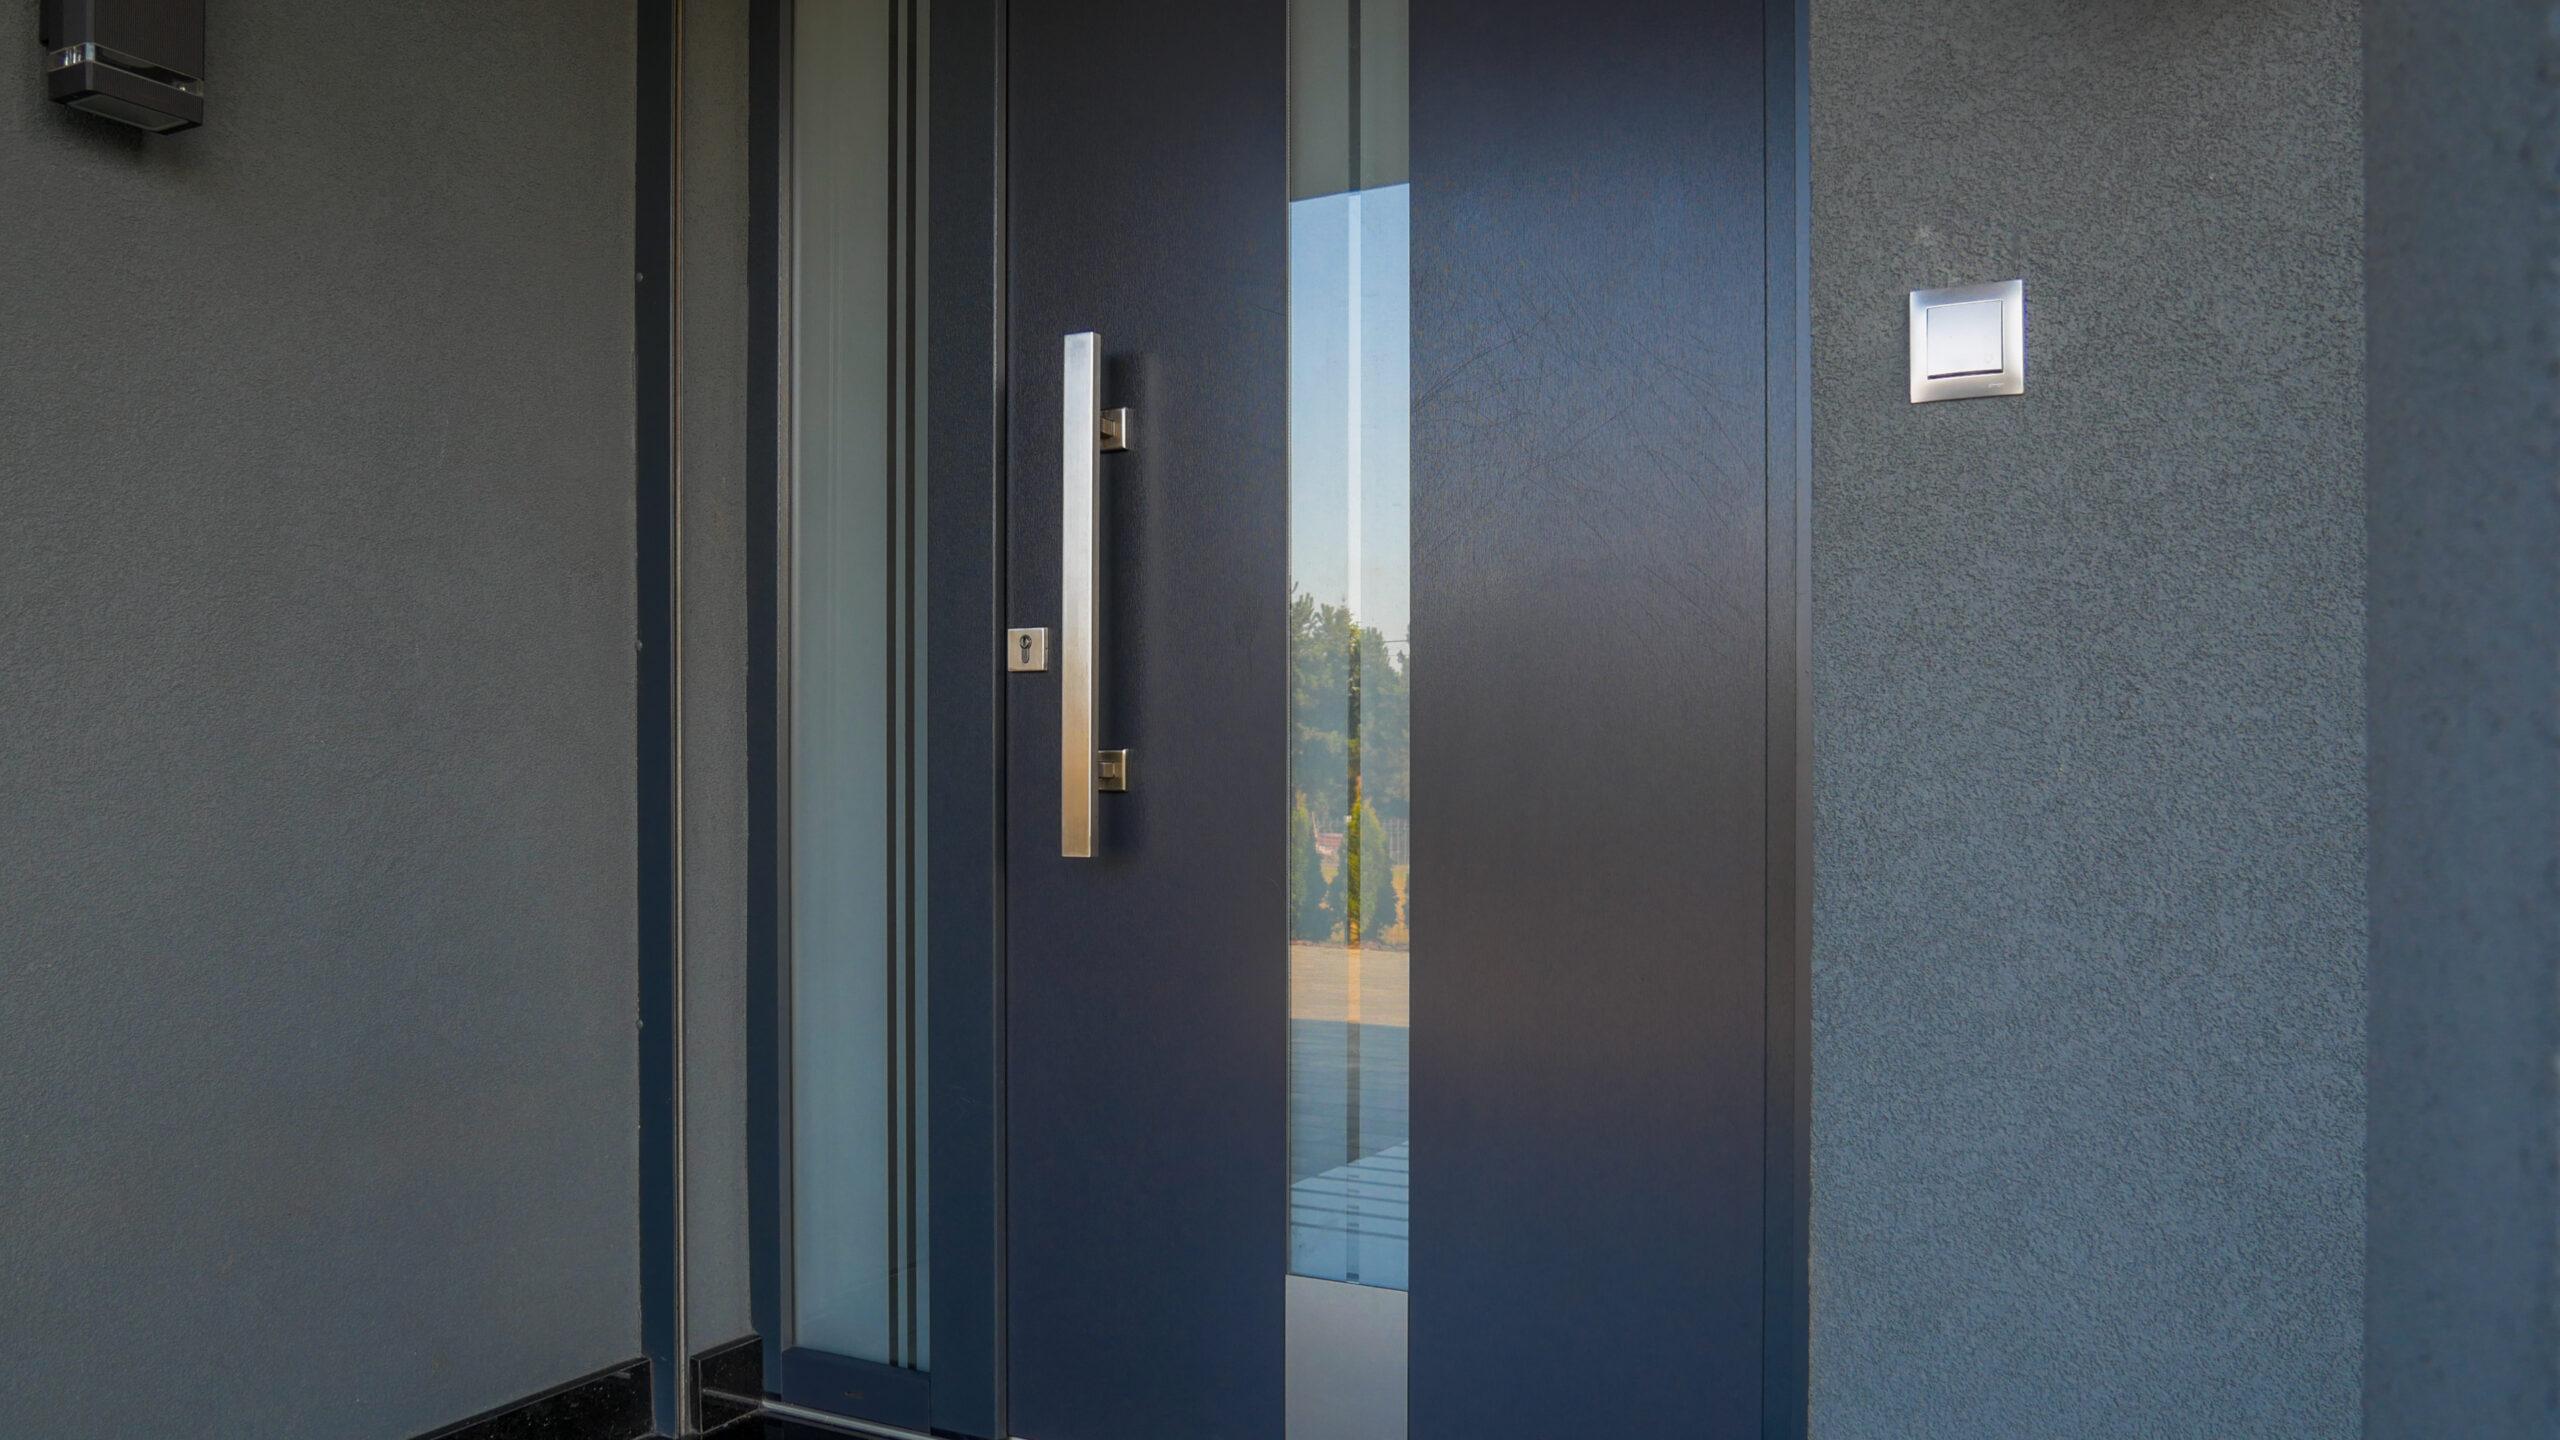 drzwi do nowego domu molitor 9 (1 of 1)